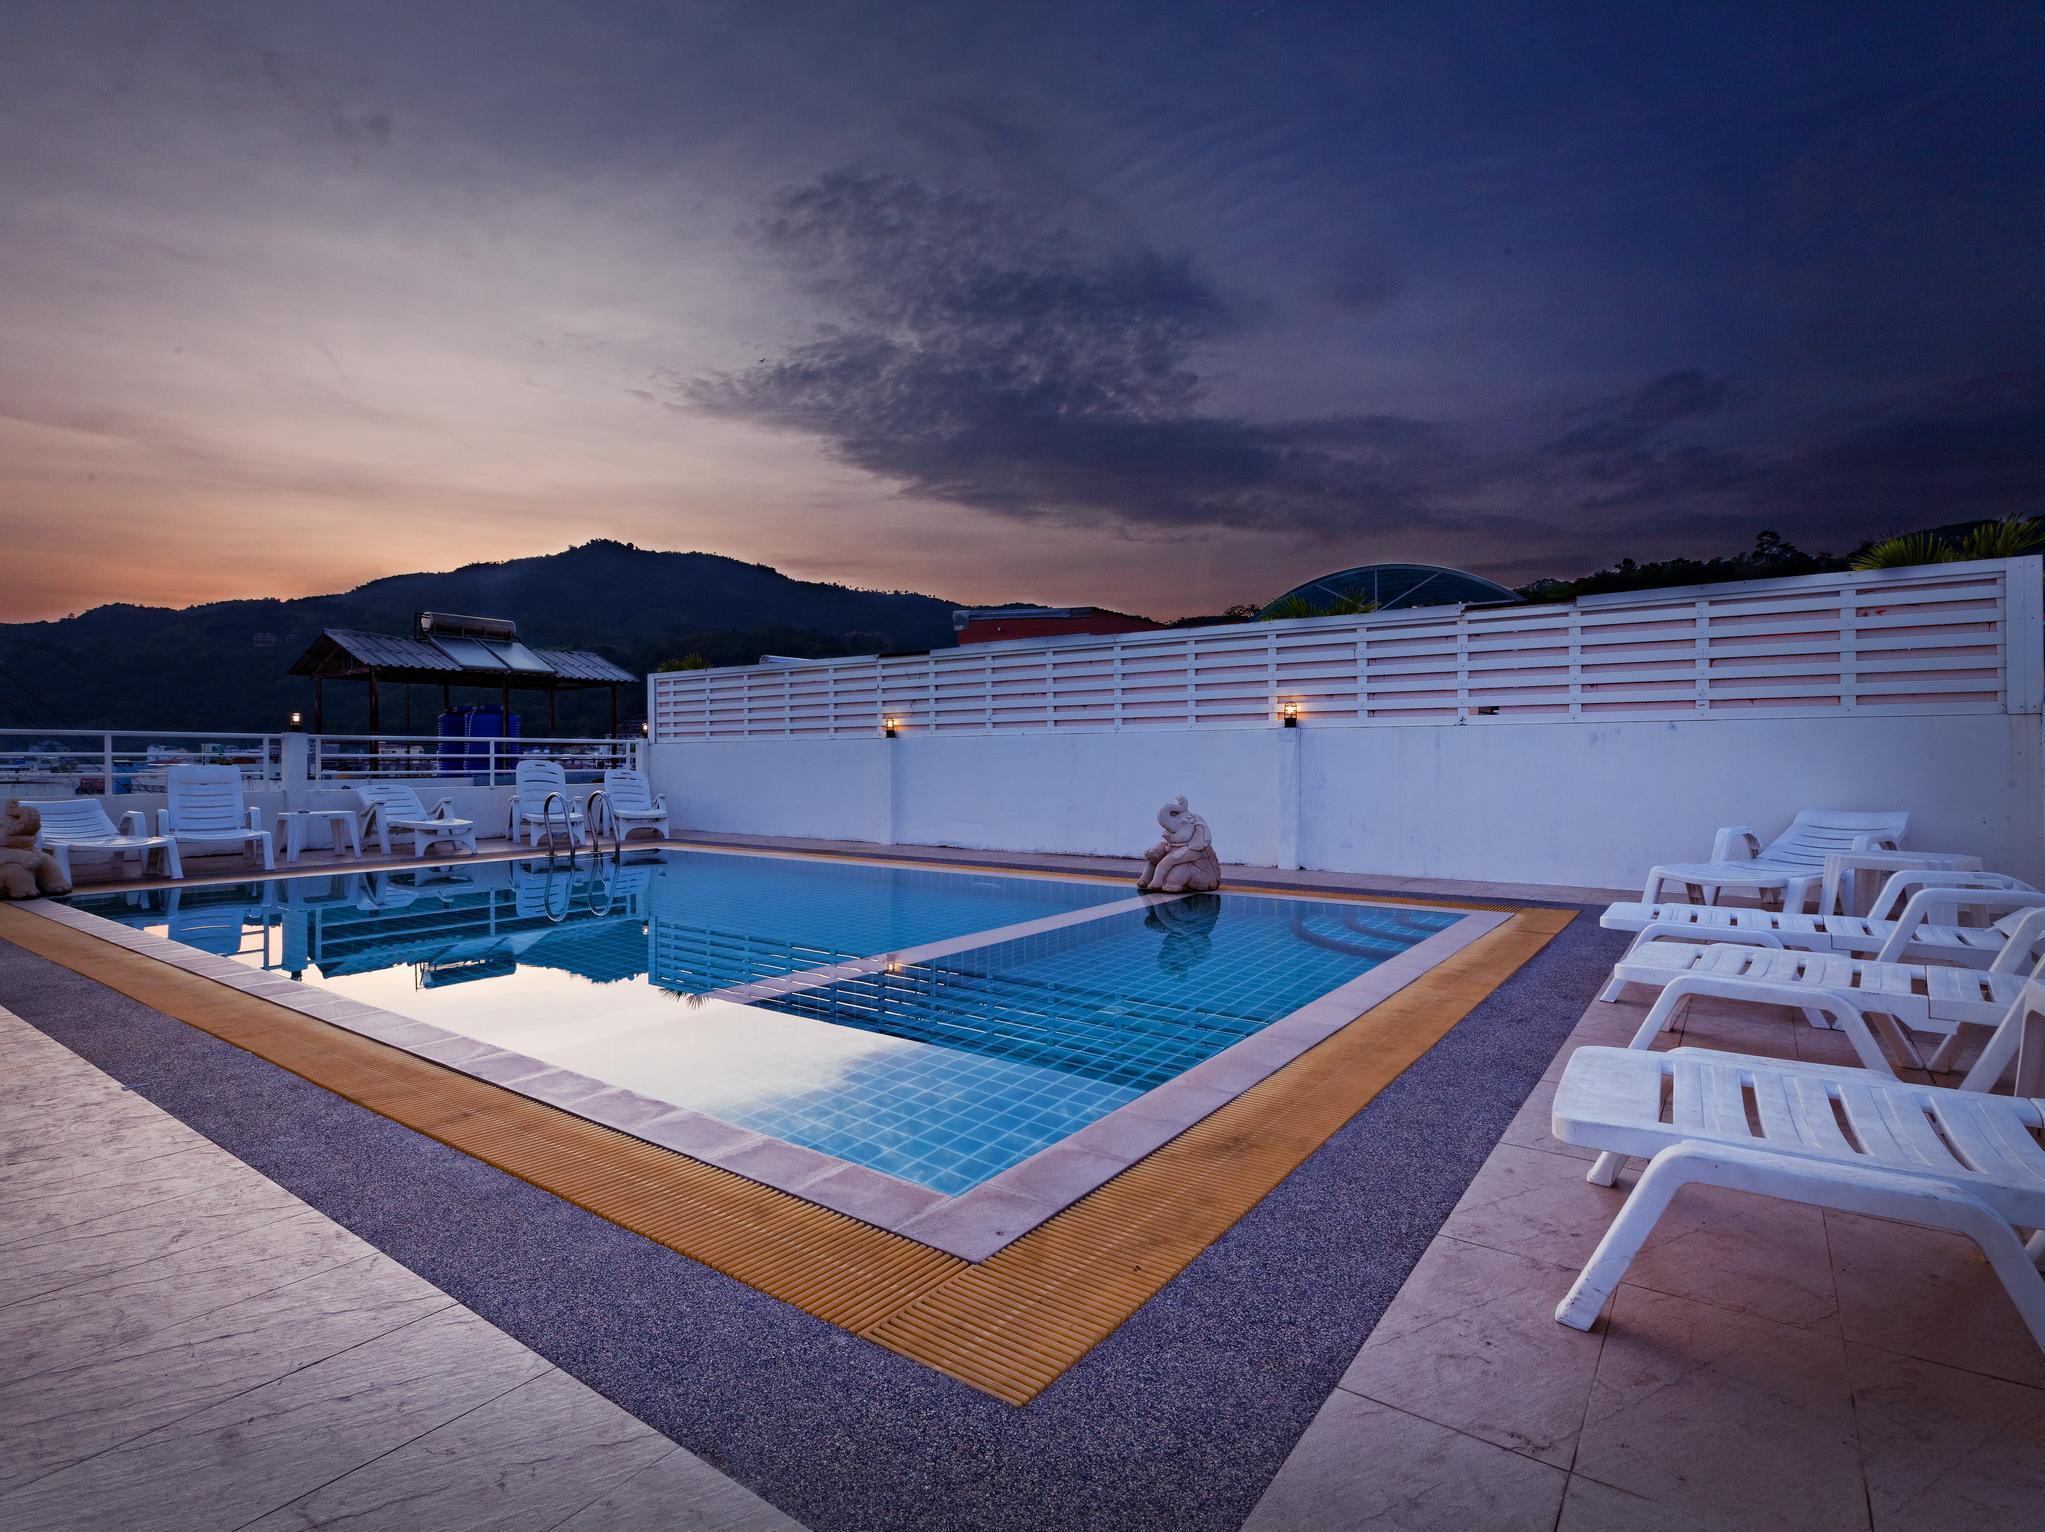 Garden Phuket Hotel โรงแรมการ์เดน ภูเก็ต